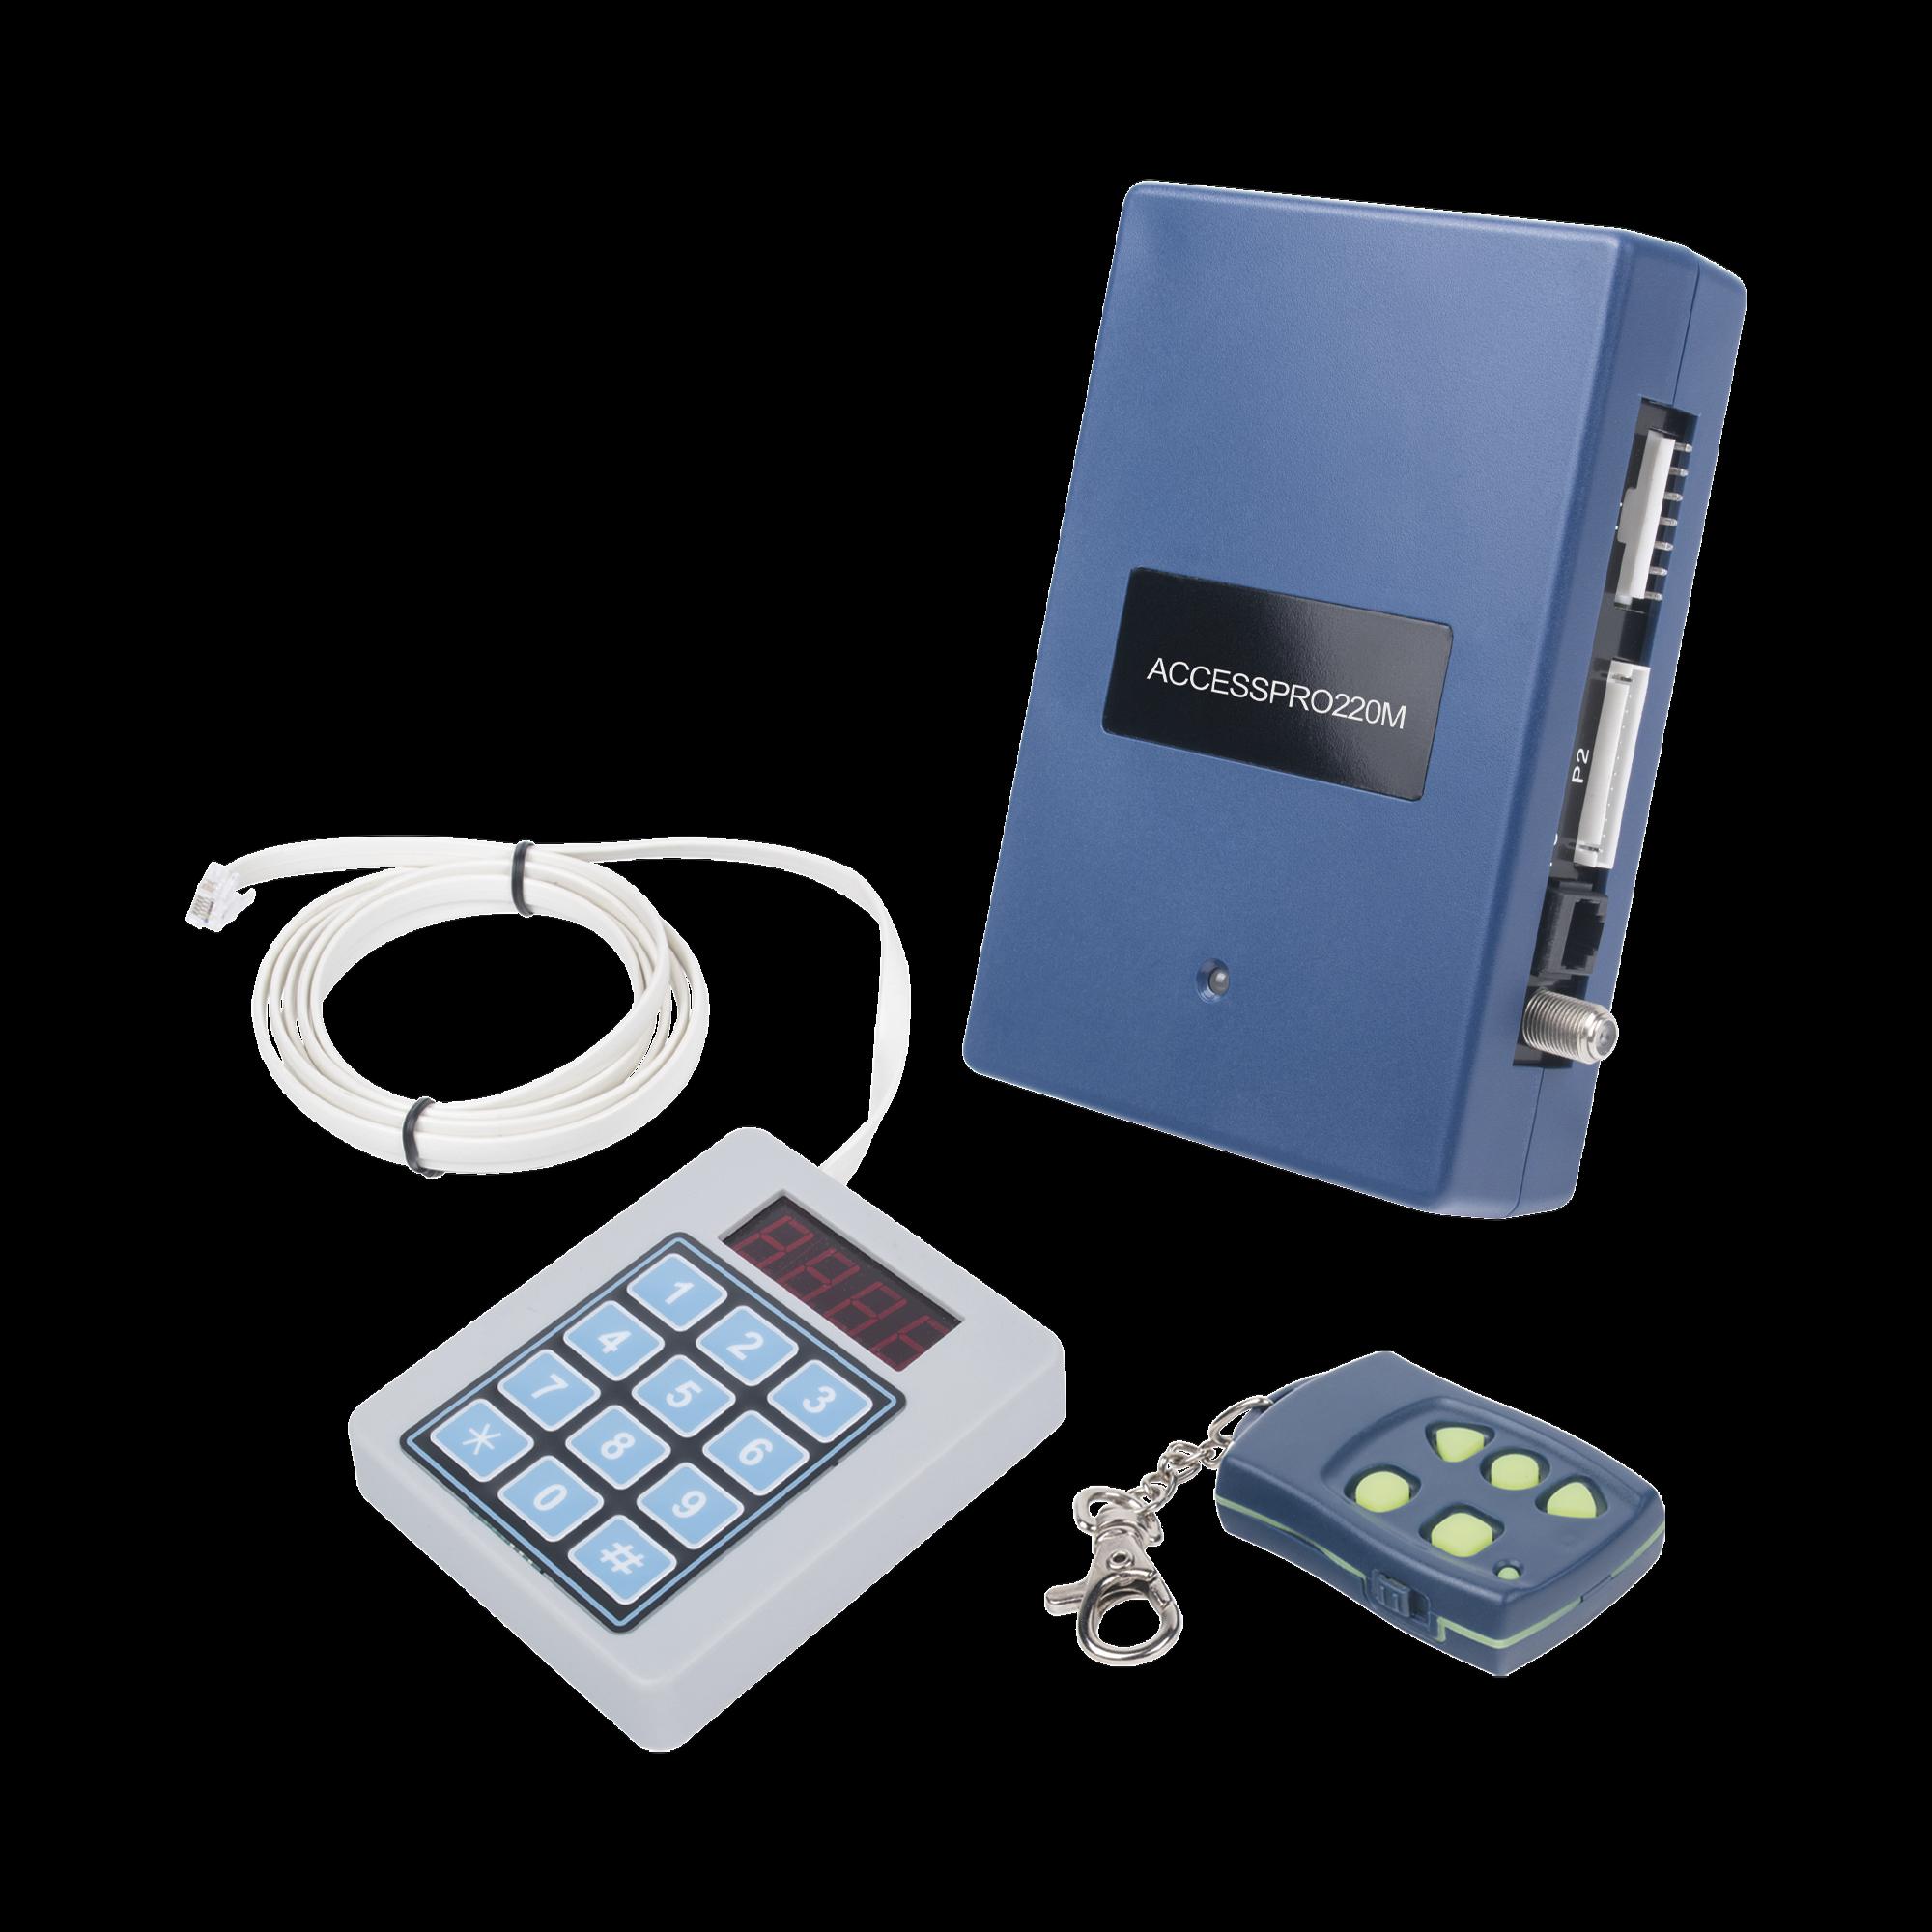 Receptor Inalambrico Universal, Mando a Distancia, Controles Administrables, Hasta 1600 usuarios, compatible con Barreras y Motores de puertas